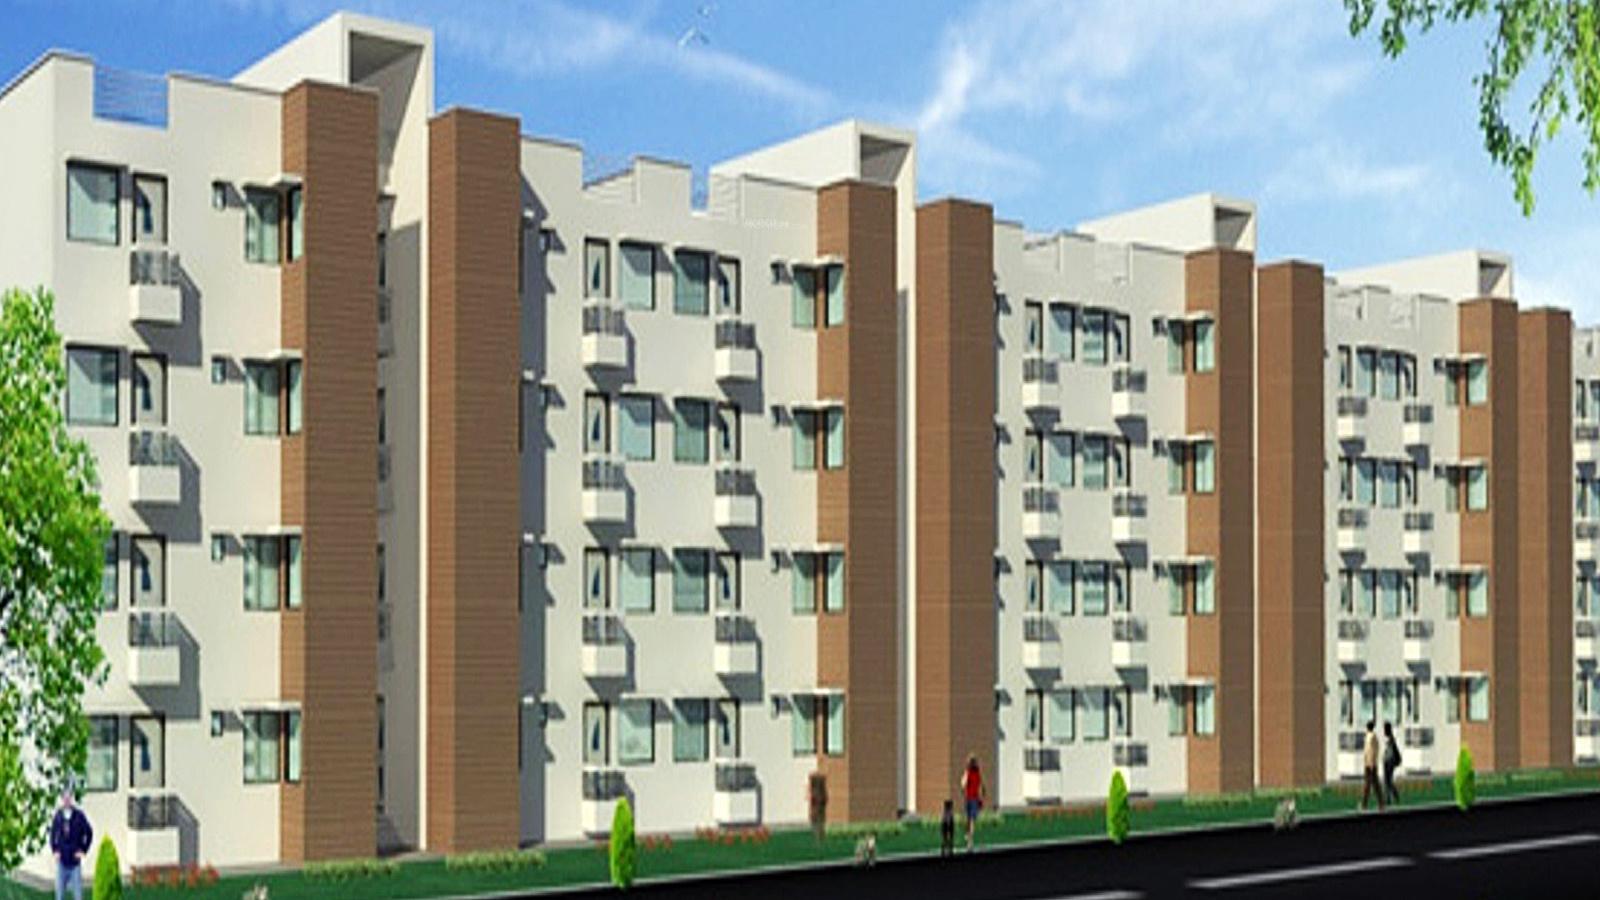 90000 affordable homes in Navi Mumbai